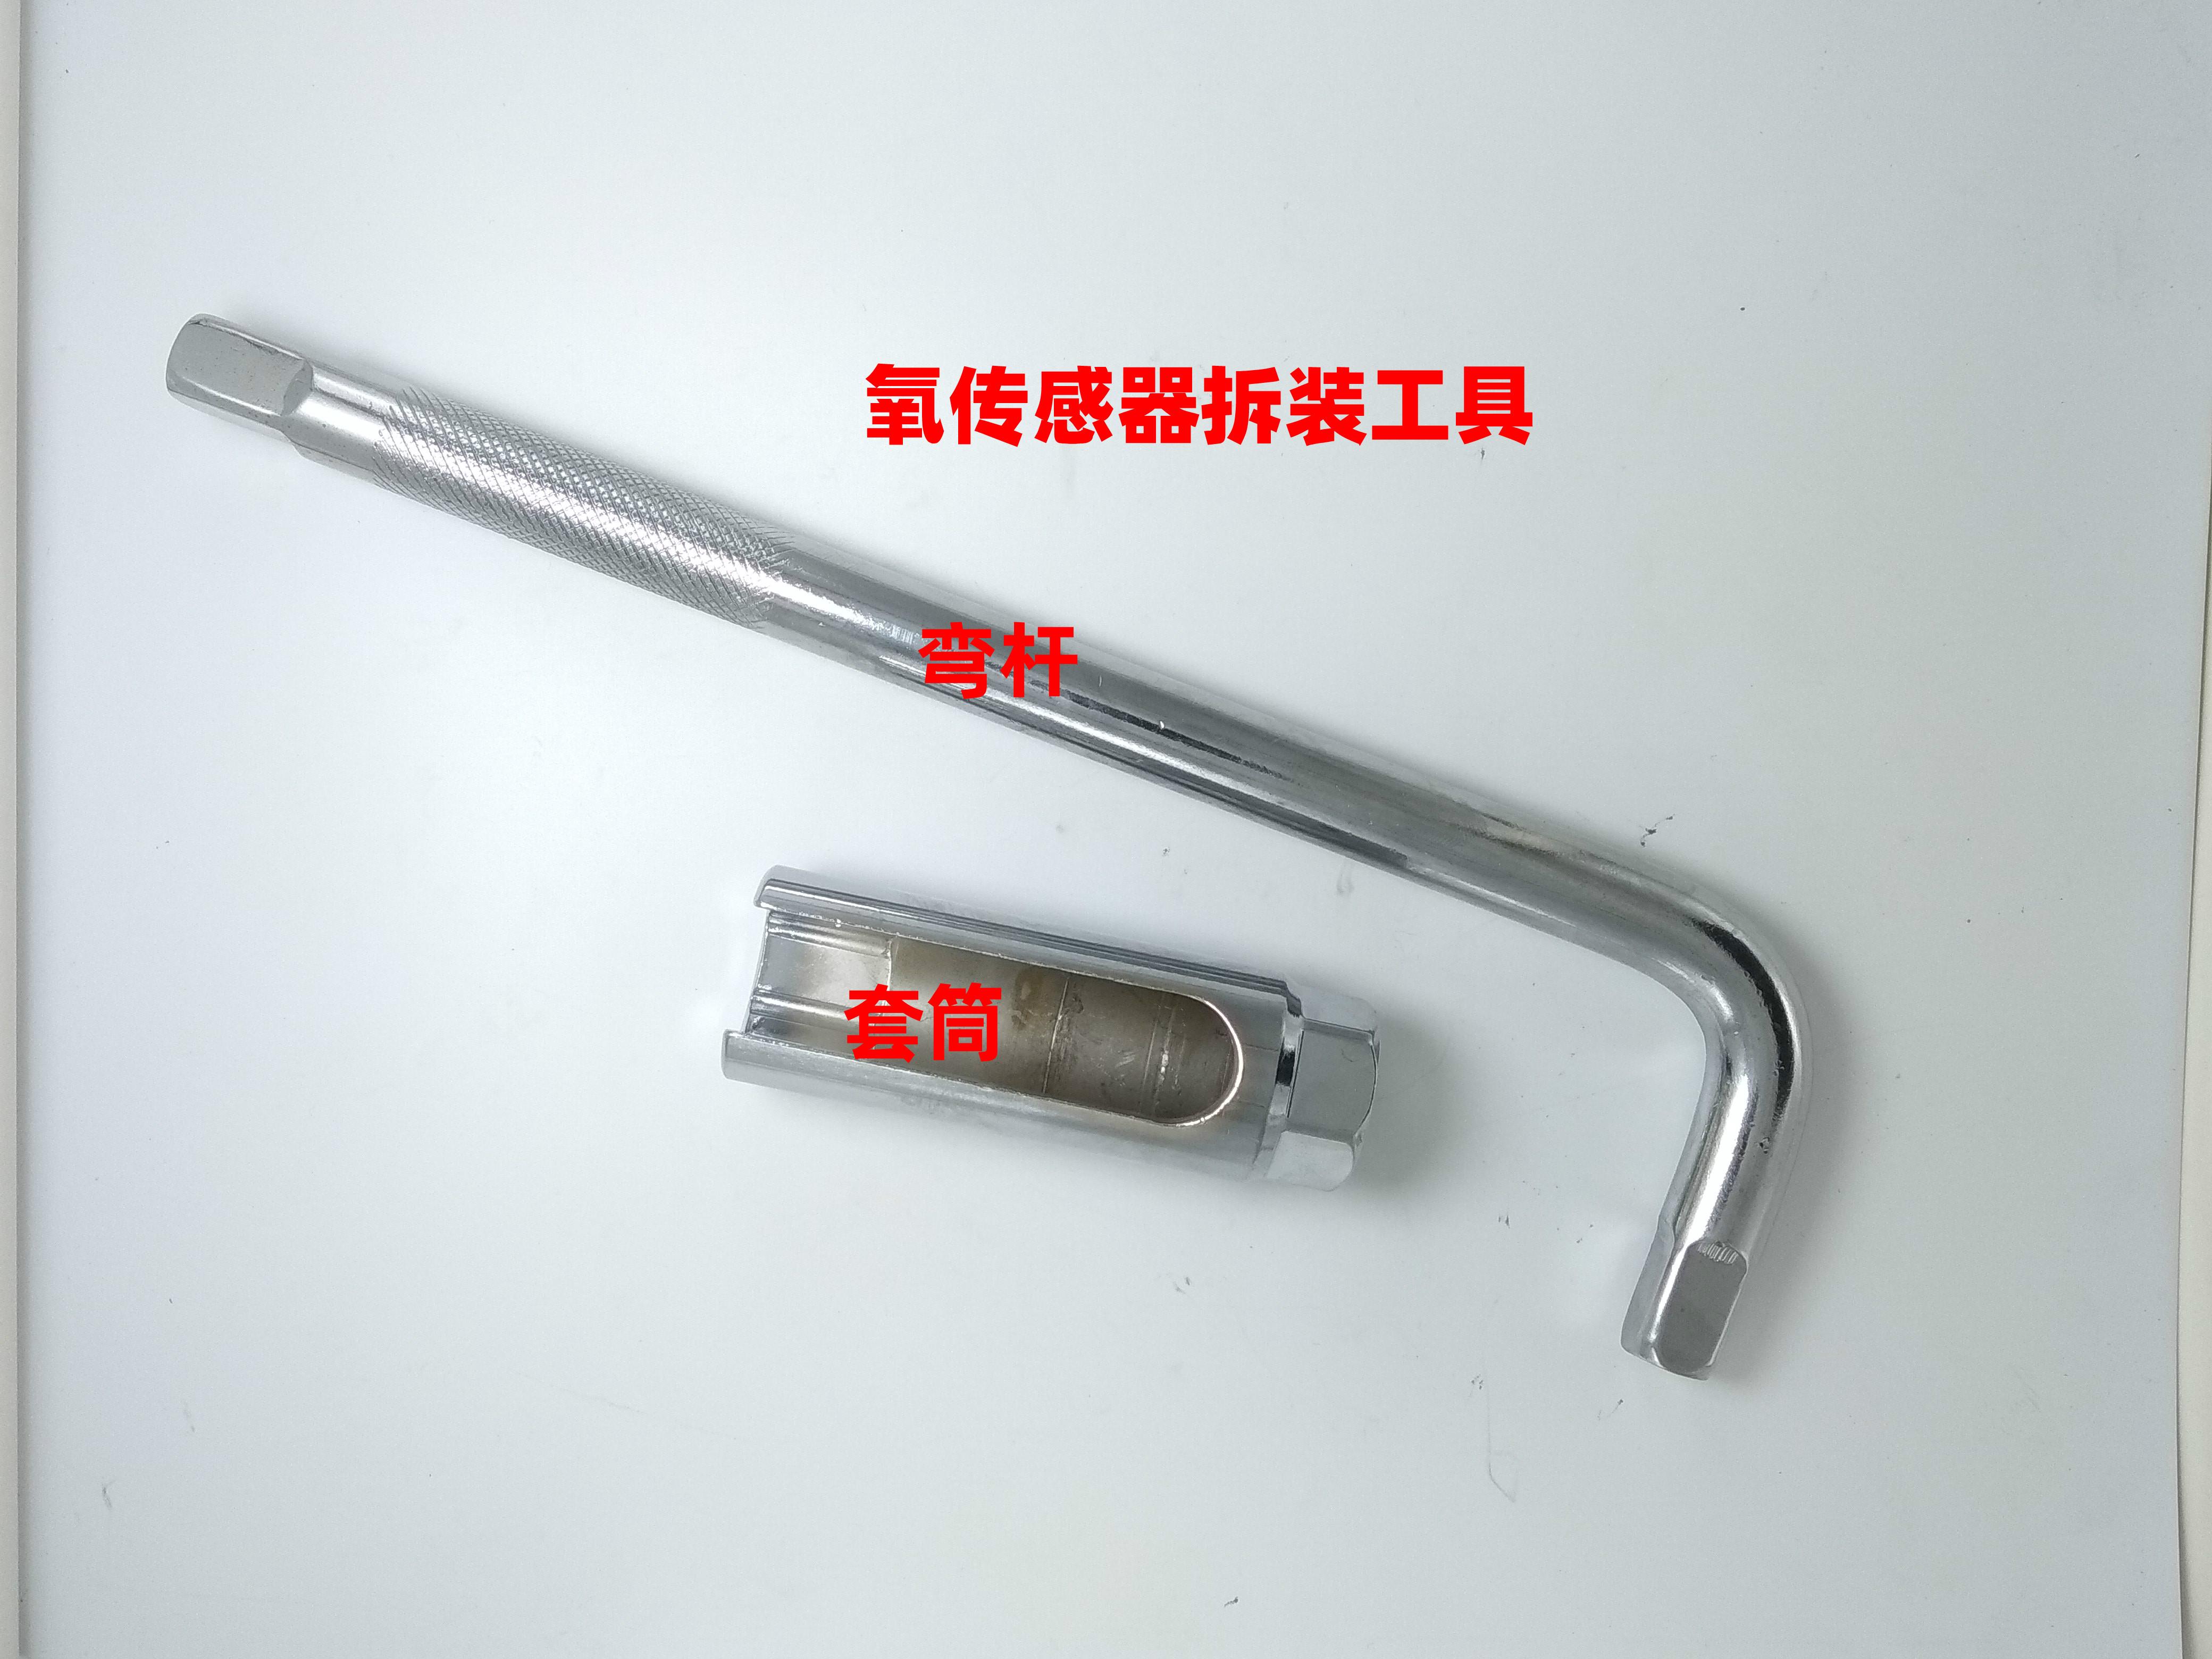 汽车氧传感器拆装工具 氧传感器套筒扳手